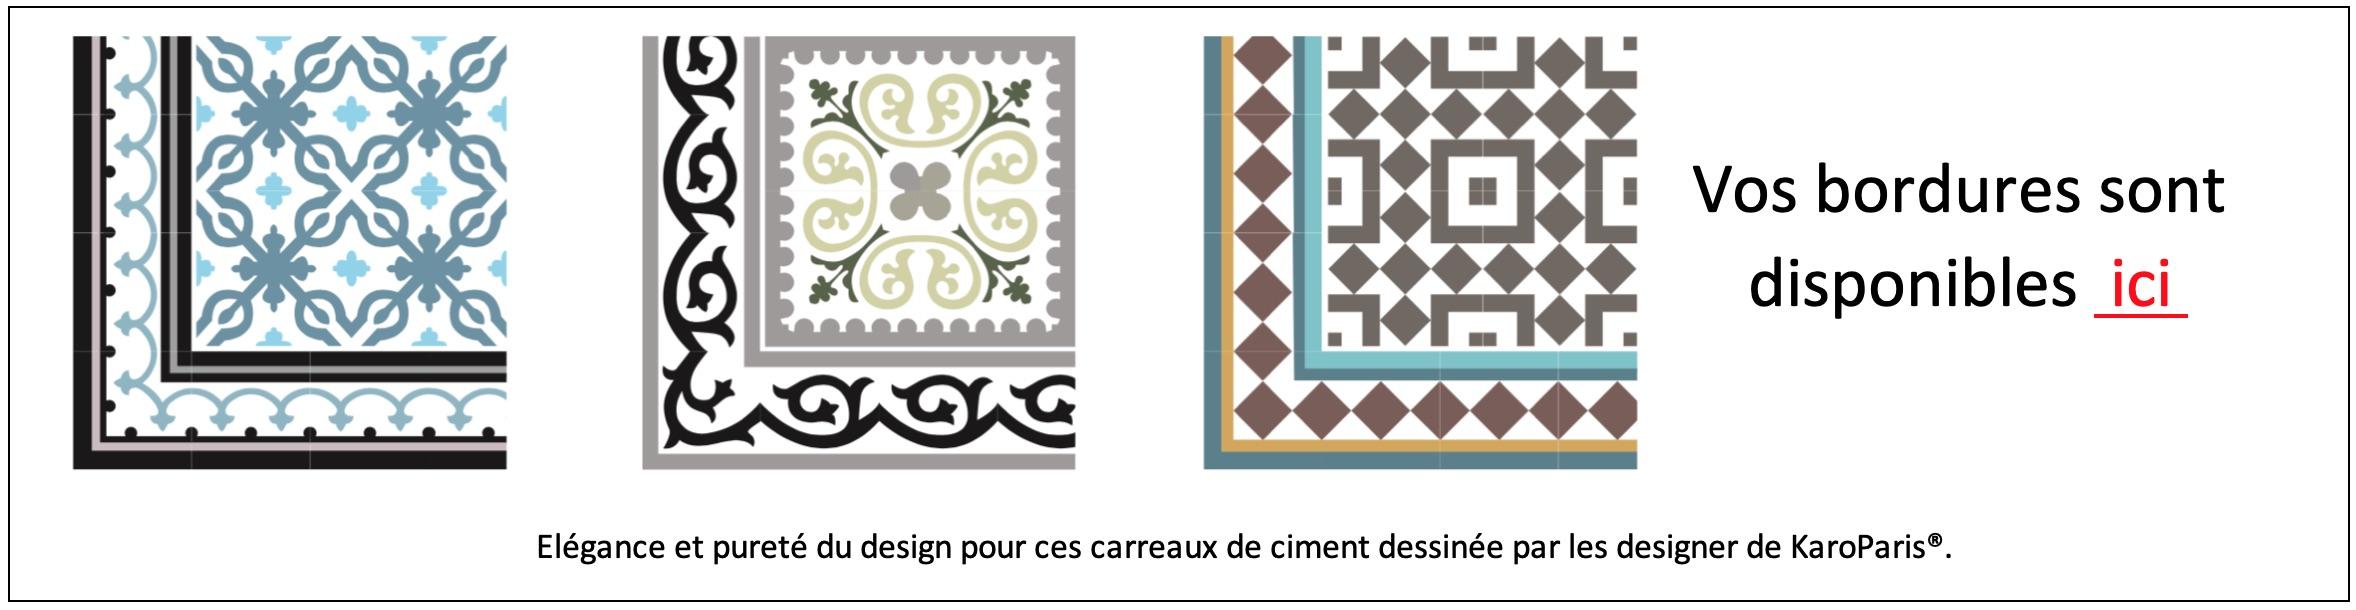 3_carreaux_de_ciment.jpg